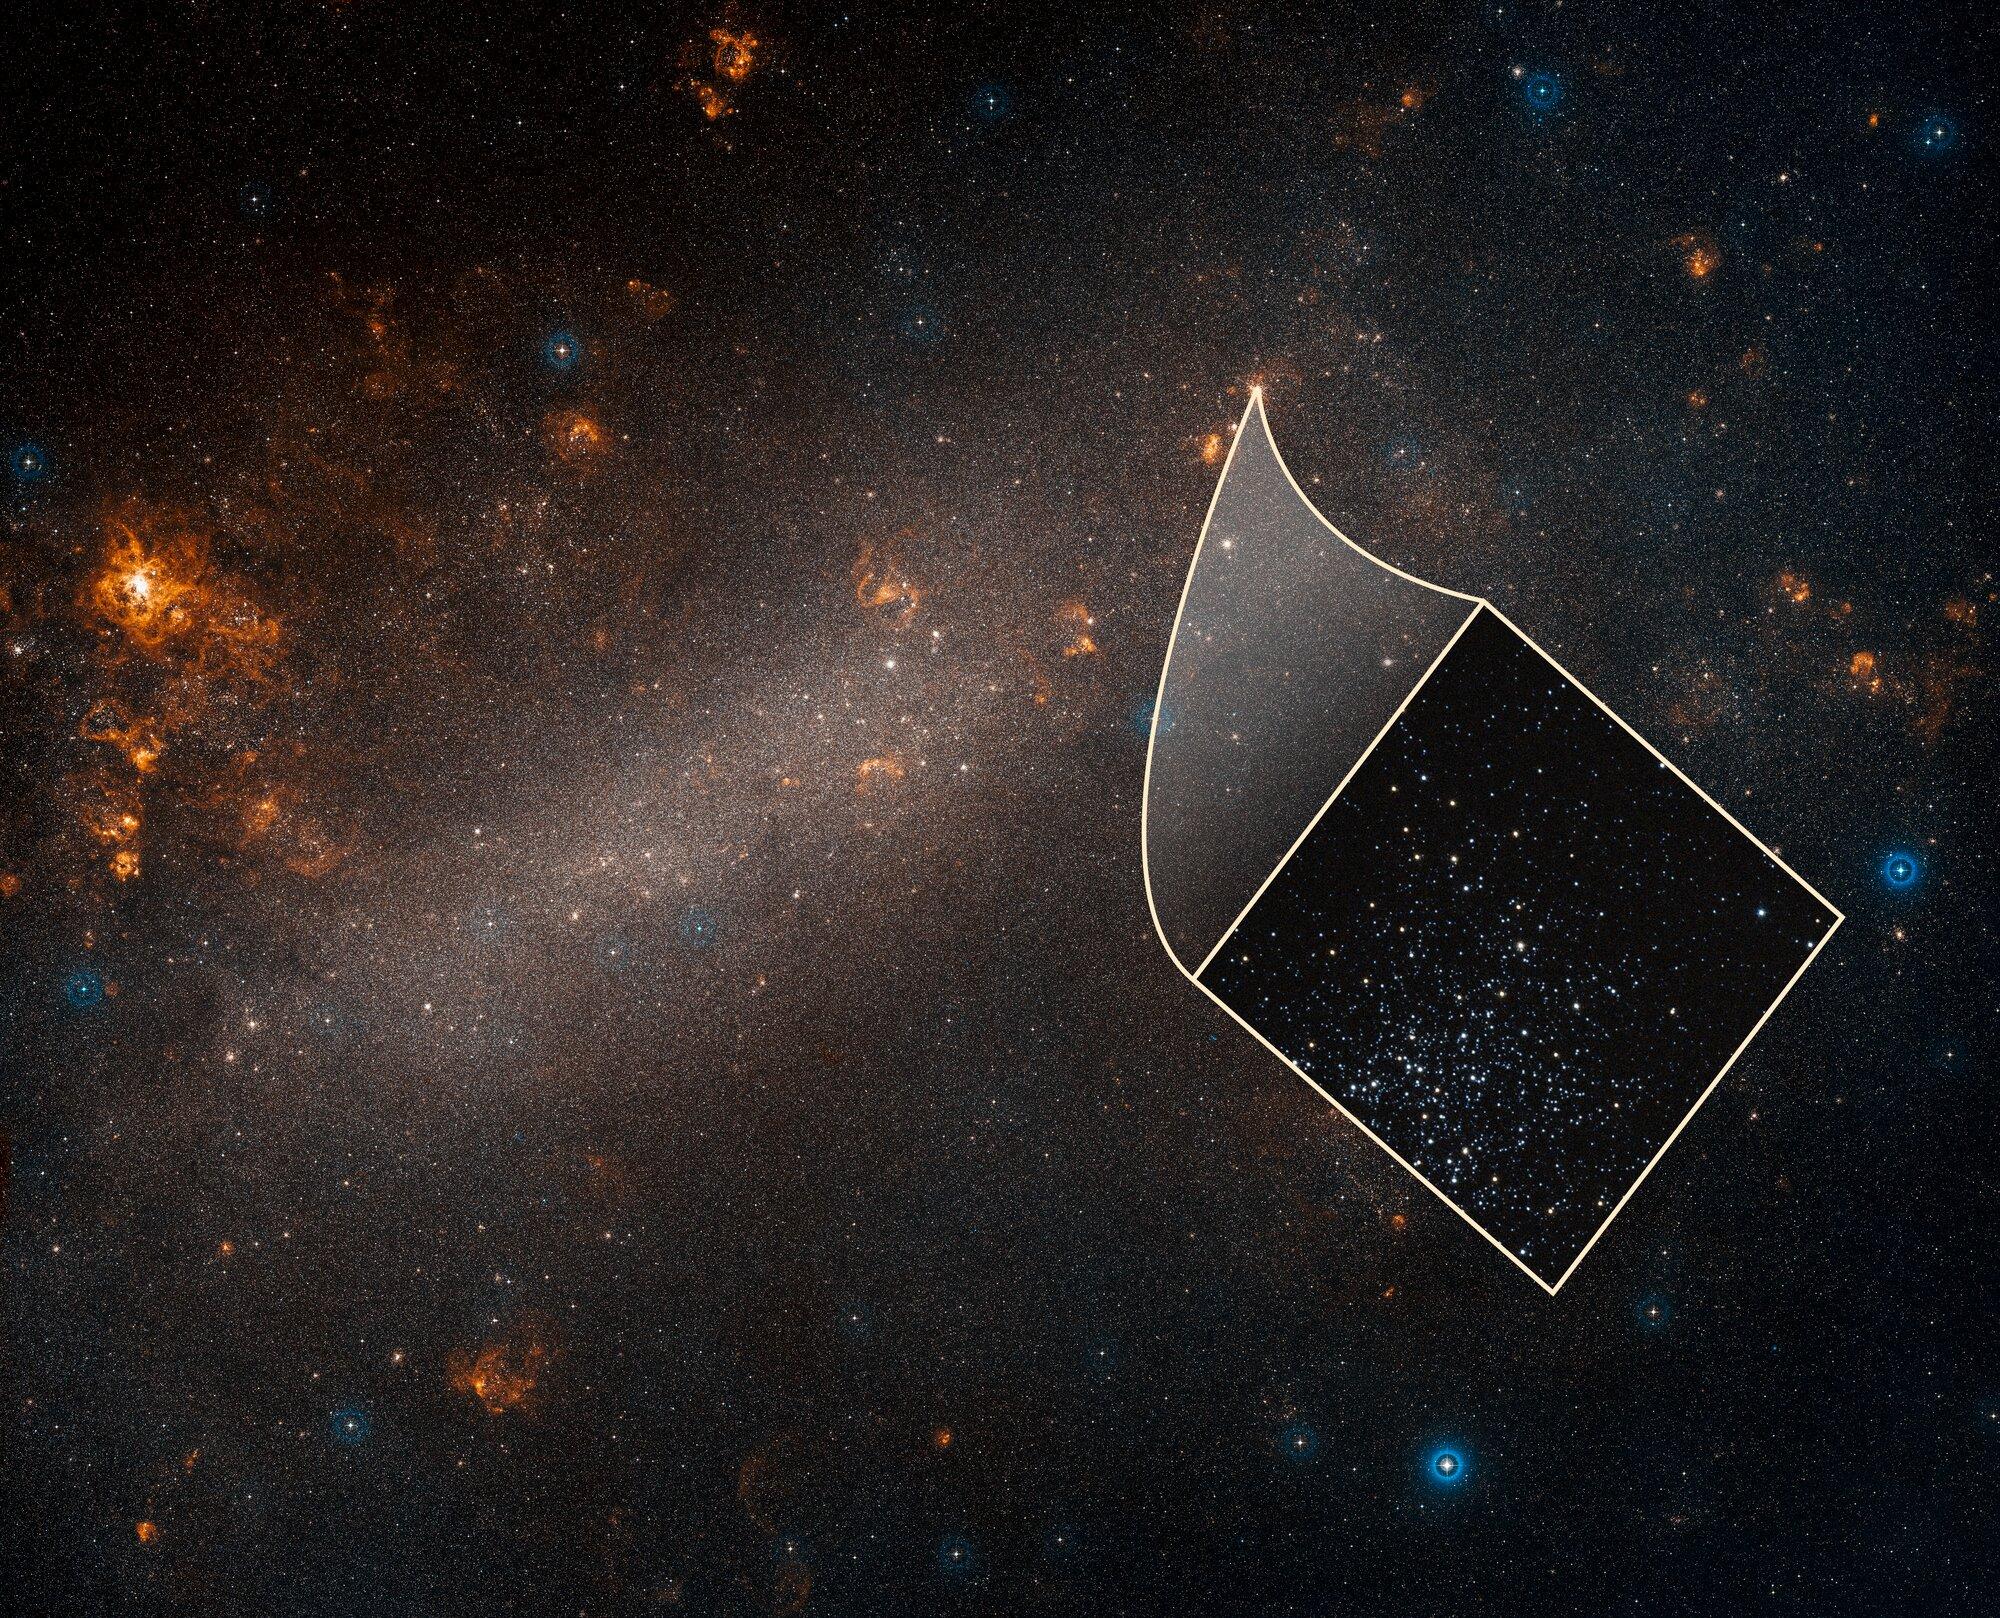 Estudio sugiere que el universo de hoy se expande más rápido que en el pasado